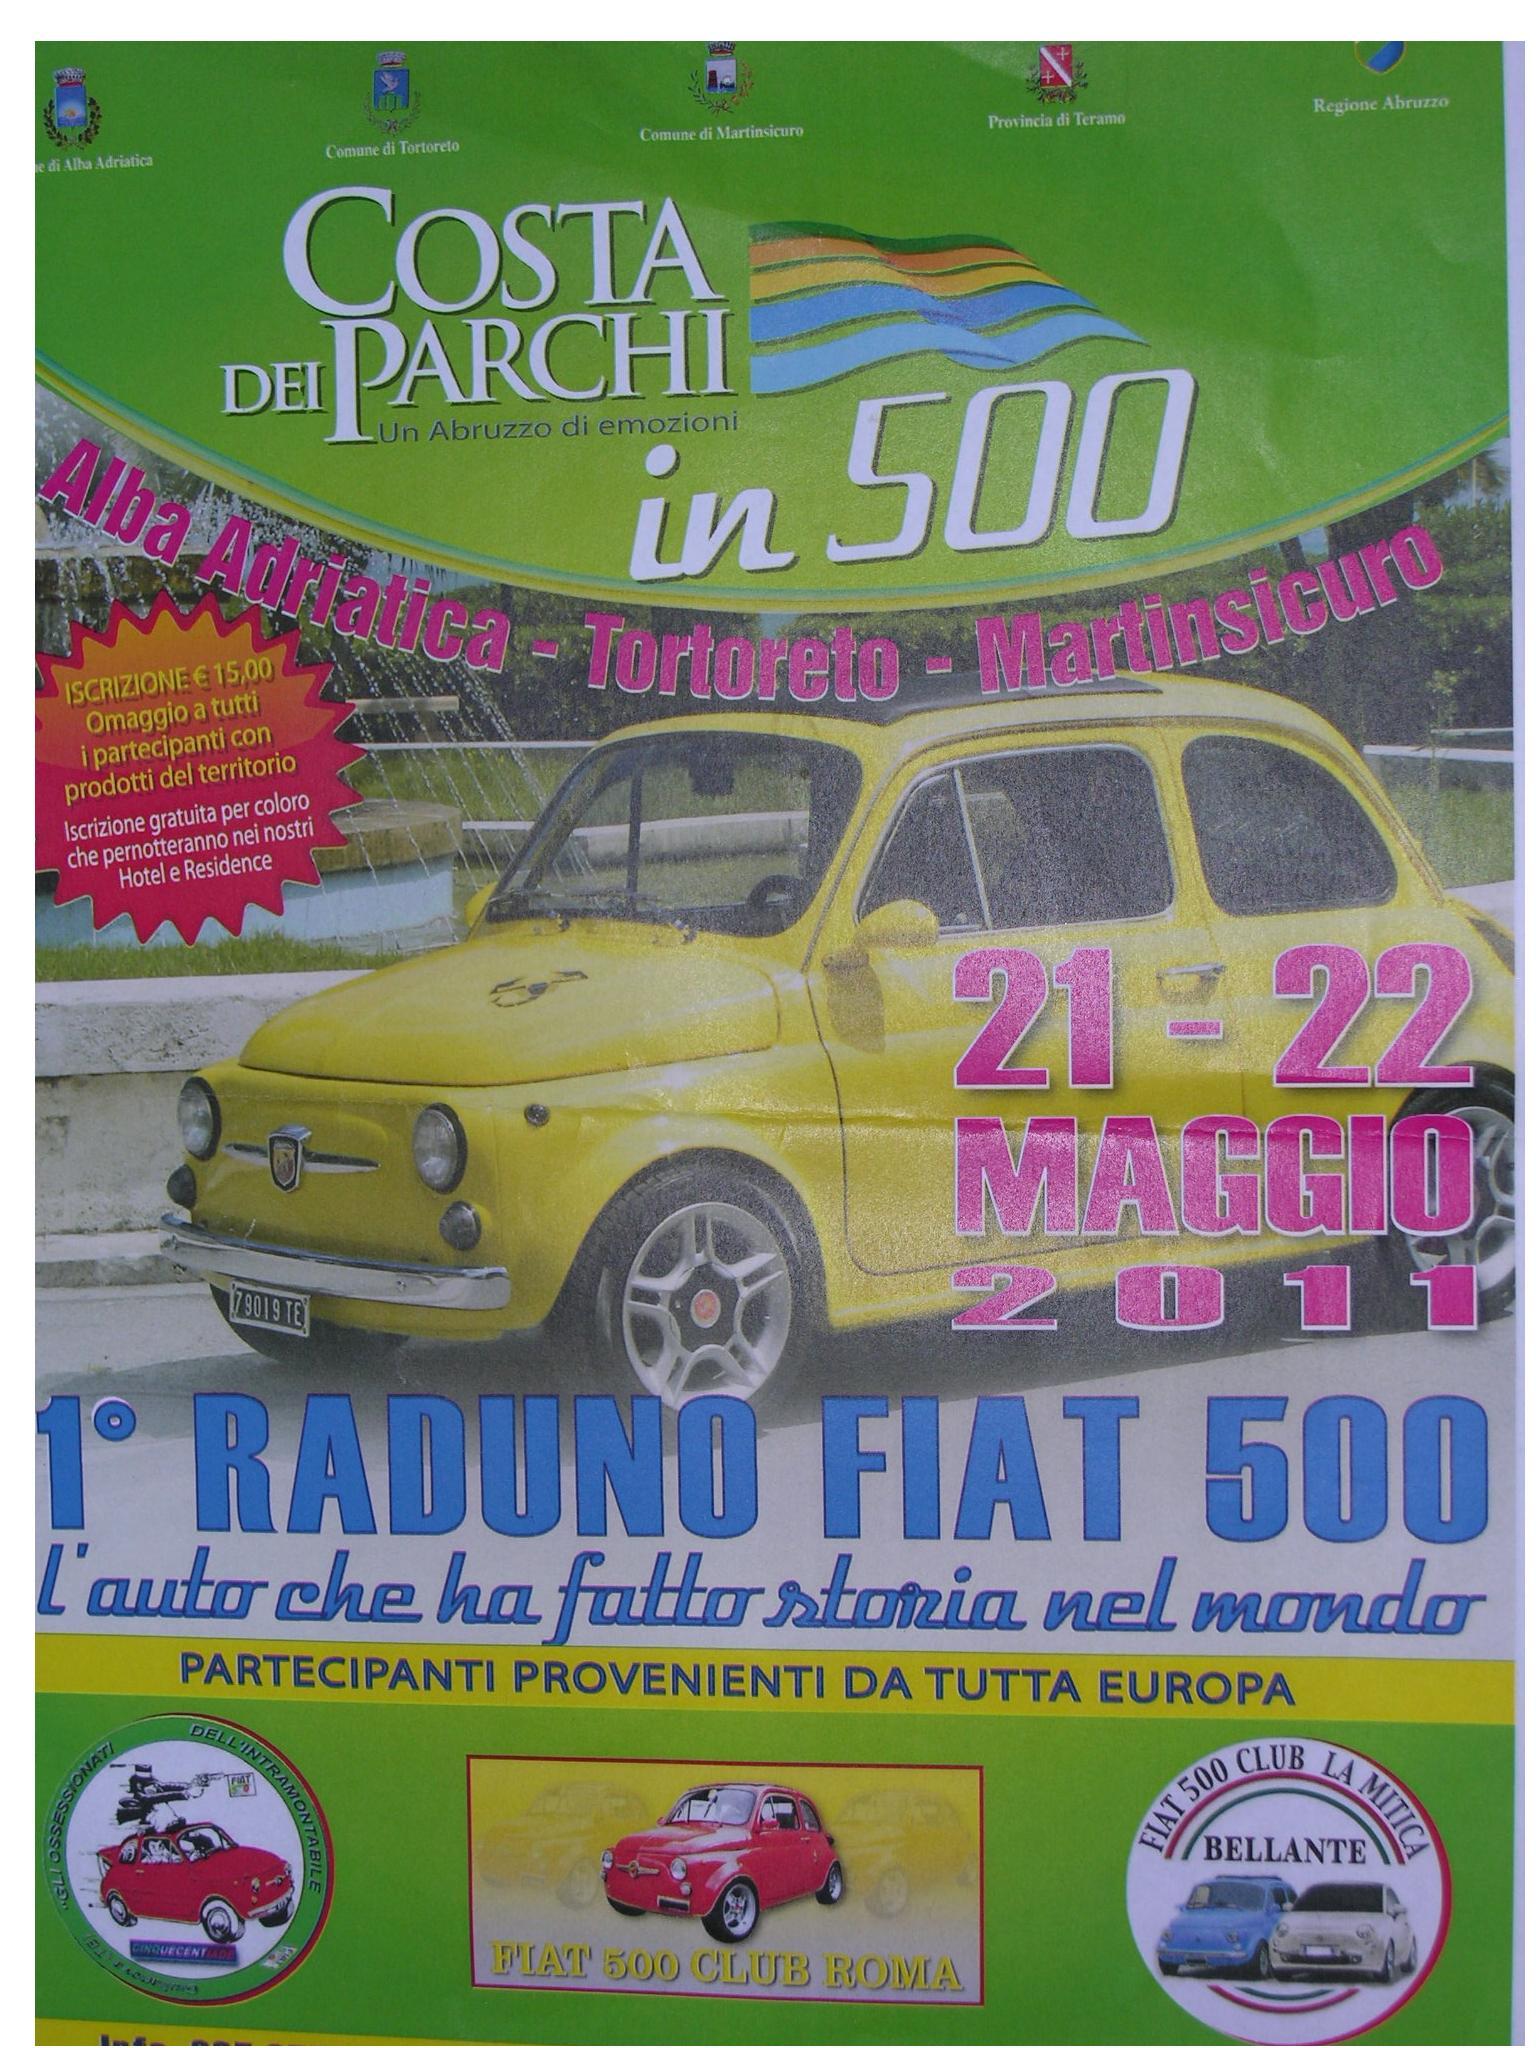 fiat 500 vecchio